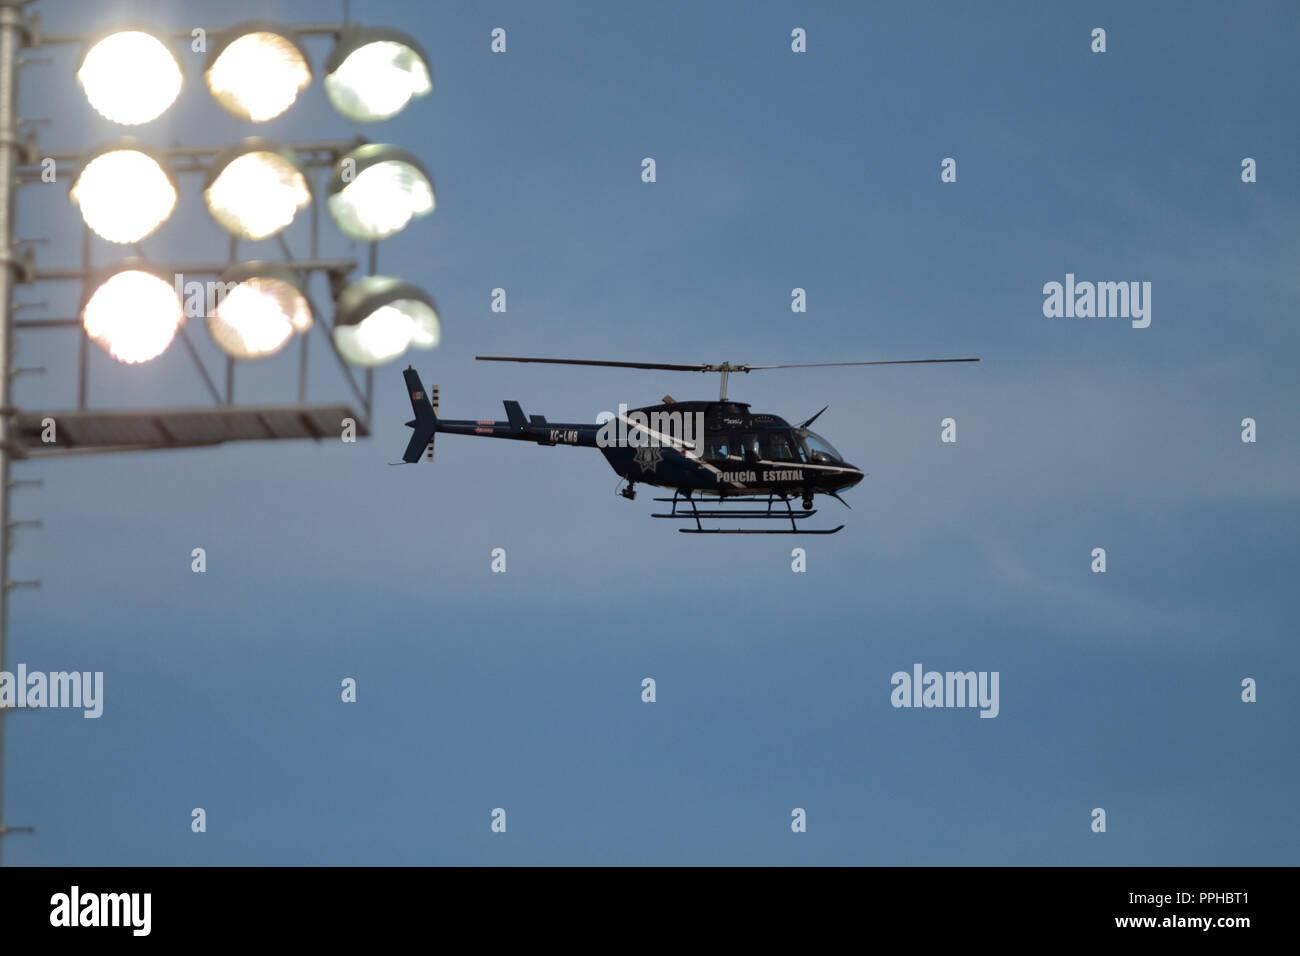 SEGURIDAD. Aeronave, helicóptero de la Policia Estatal sobrevolando cerca de las lamparas del Estadio Sonora , durante el primer dia de acción en la Stock Photo